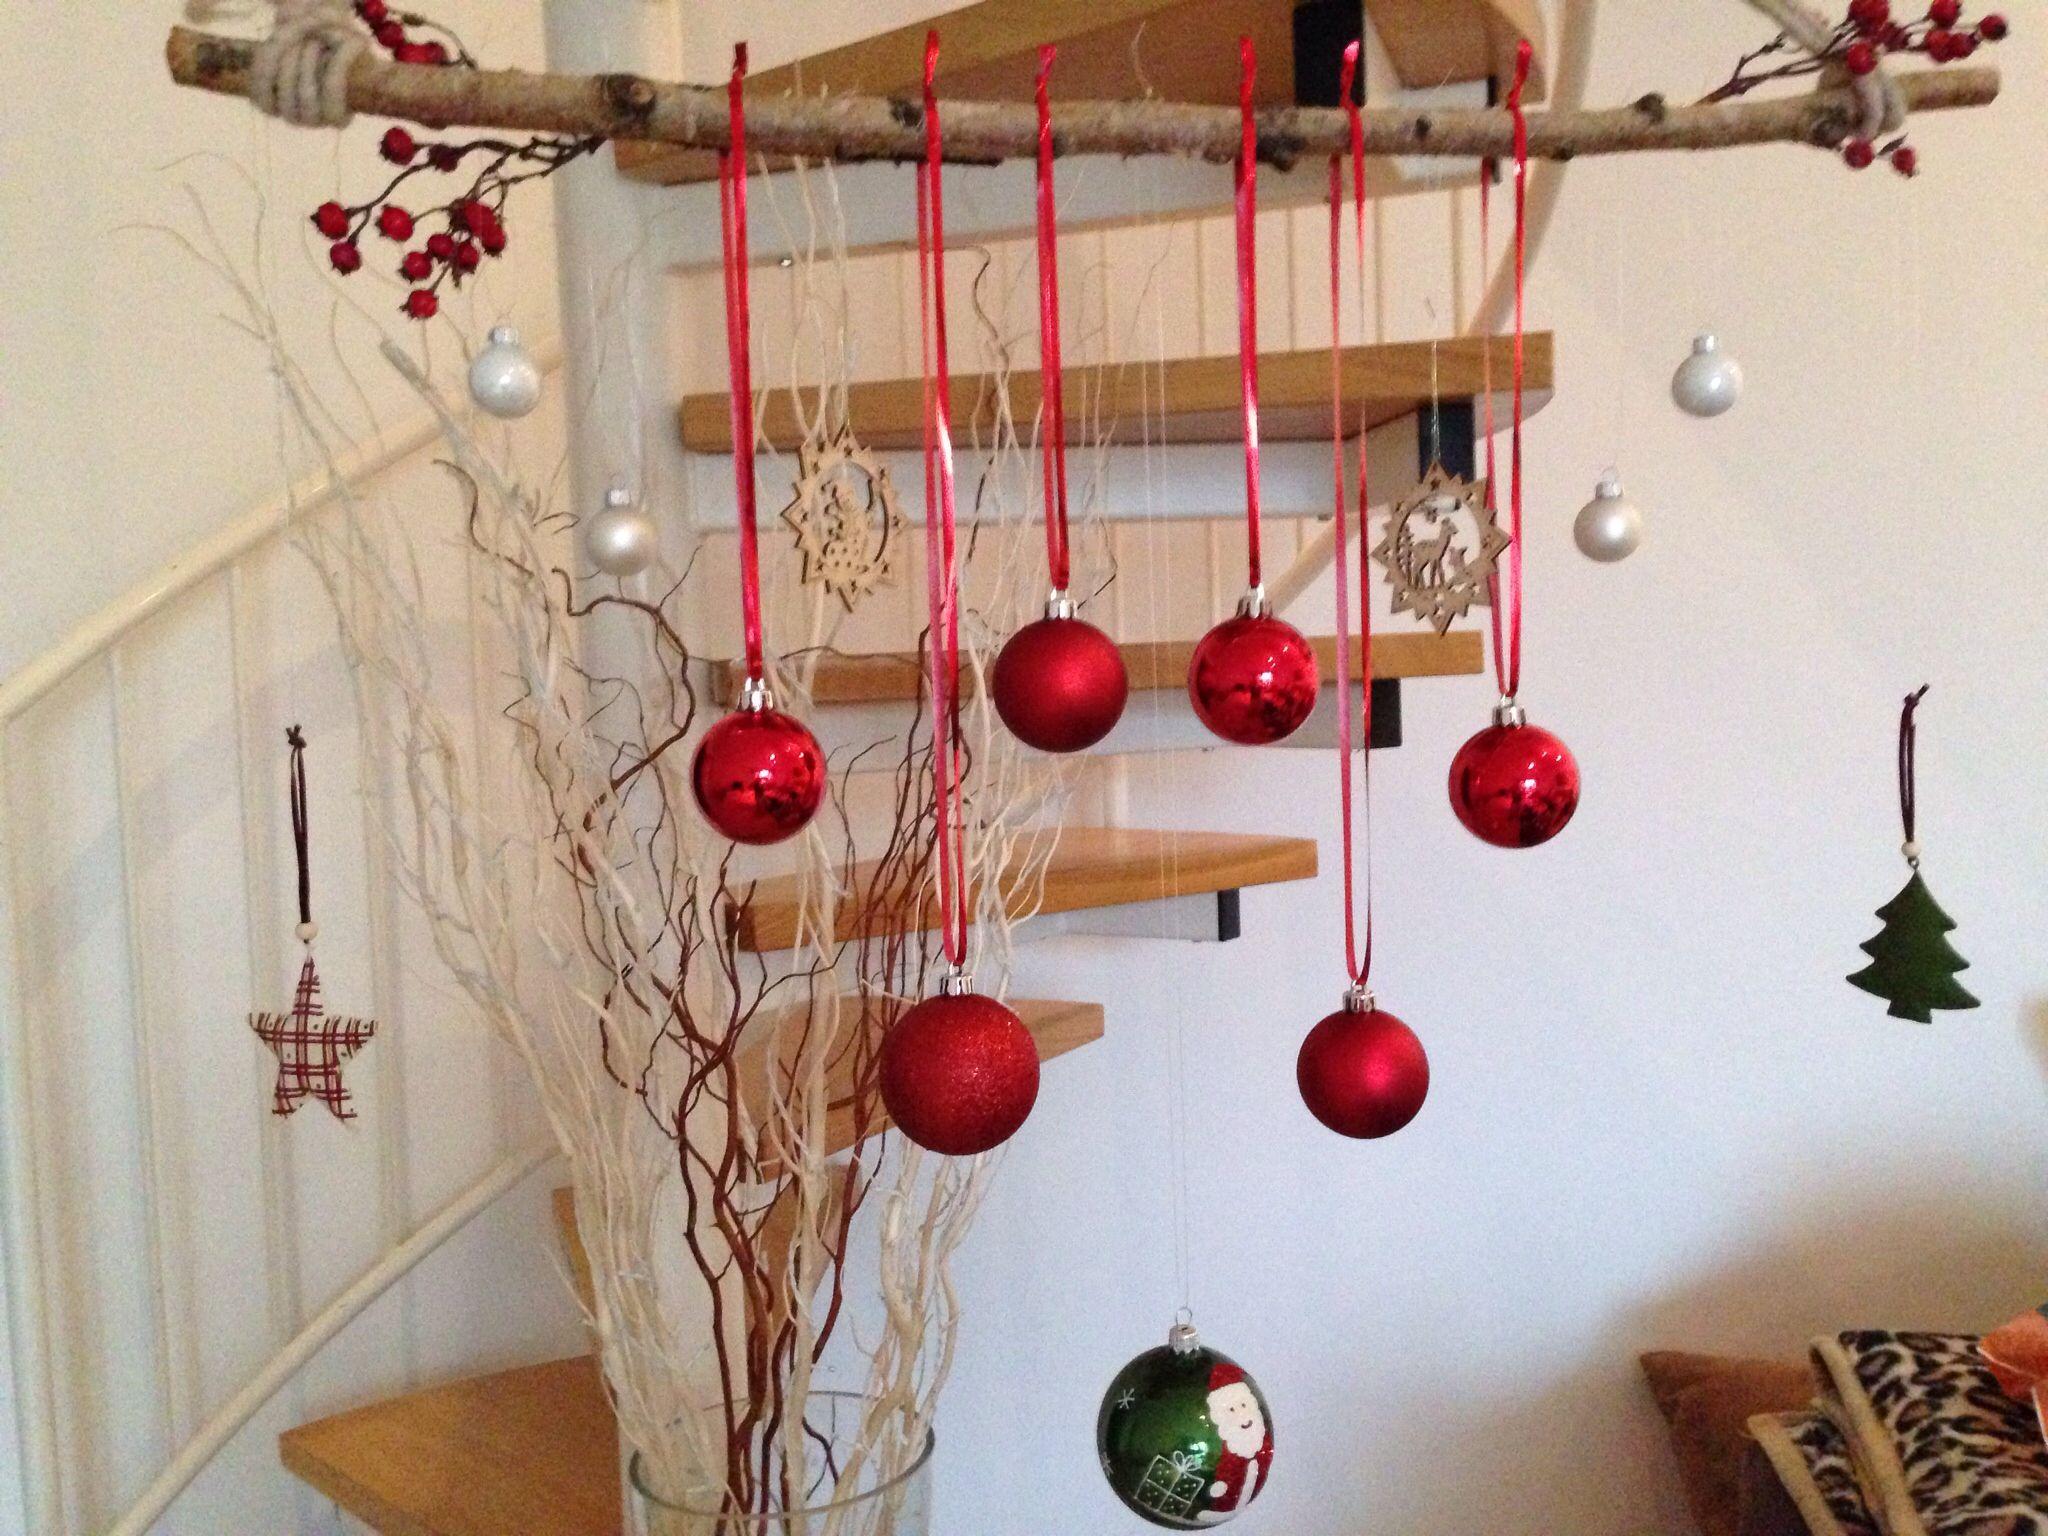 Fenster Dekoration On Pinterest Deko Weihnachten And